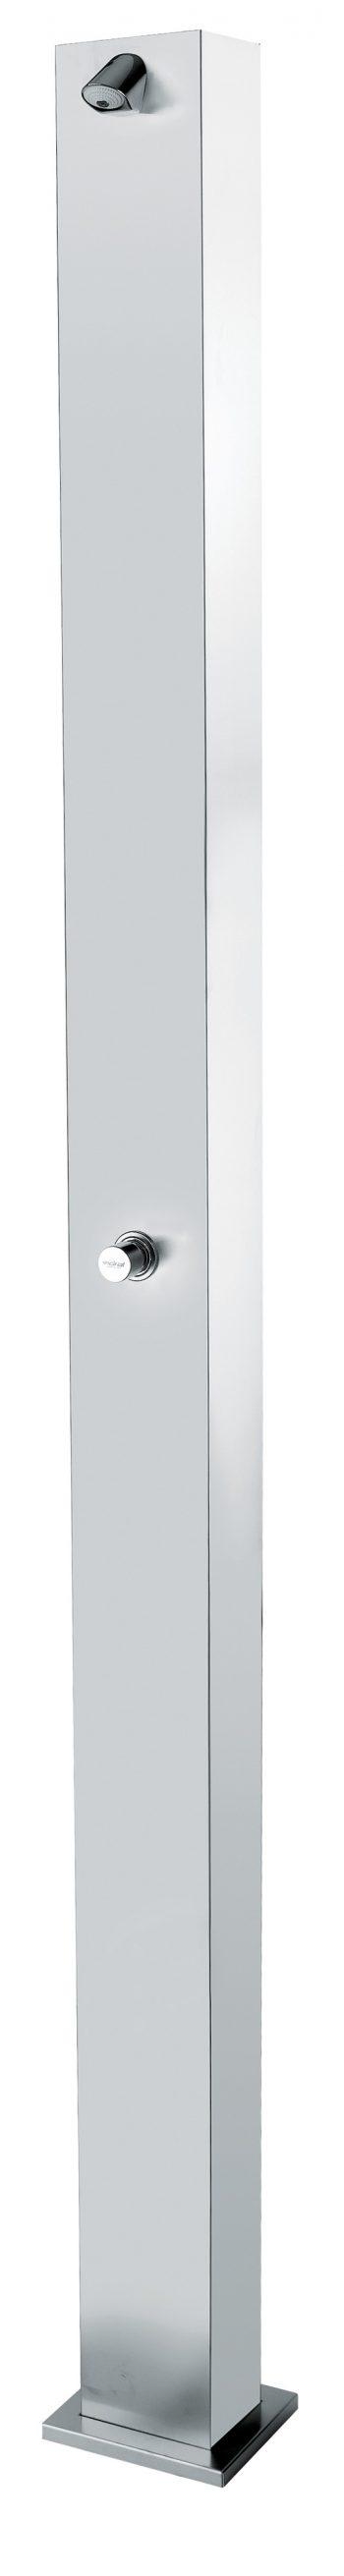 Sprchový stĺp IDRAL 09220